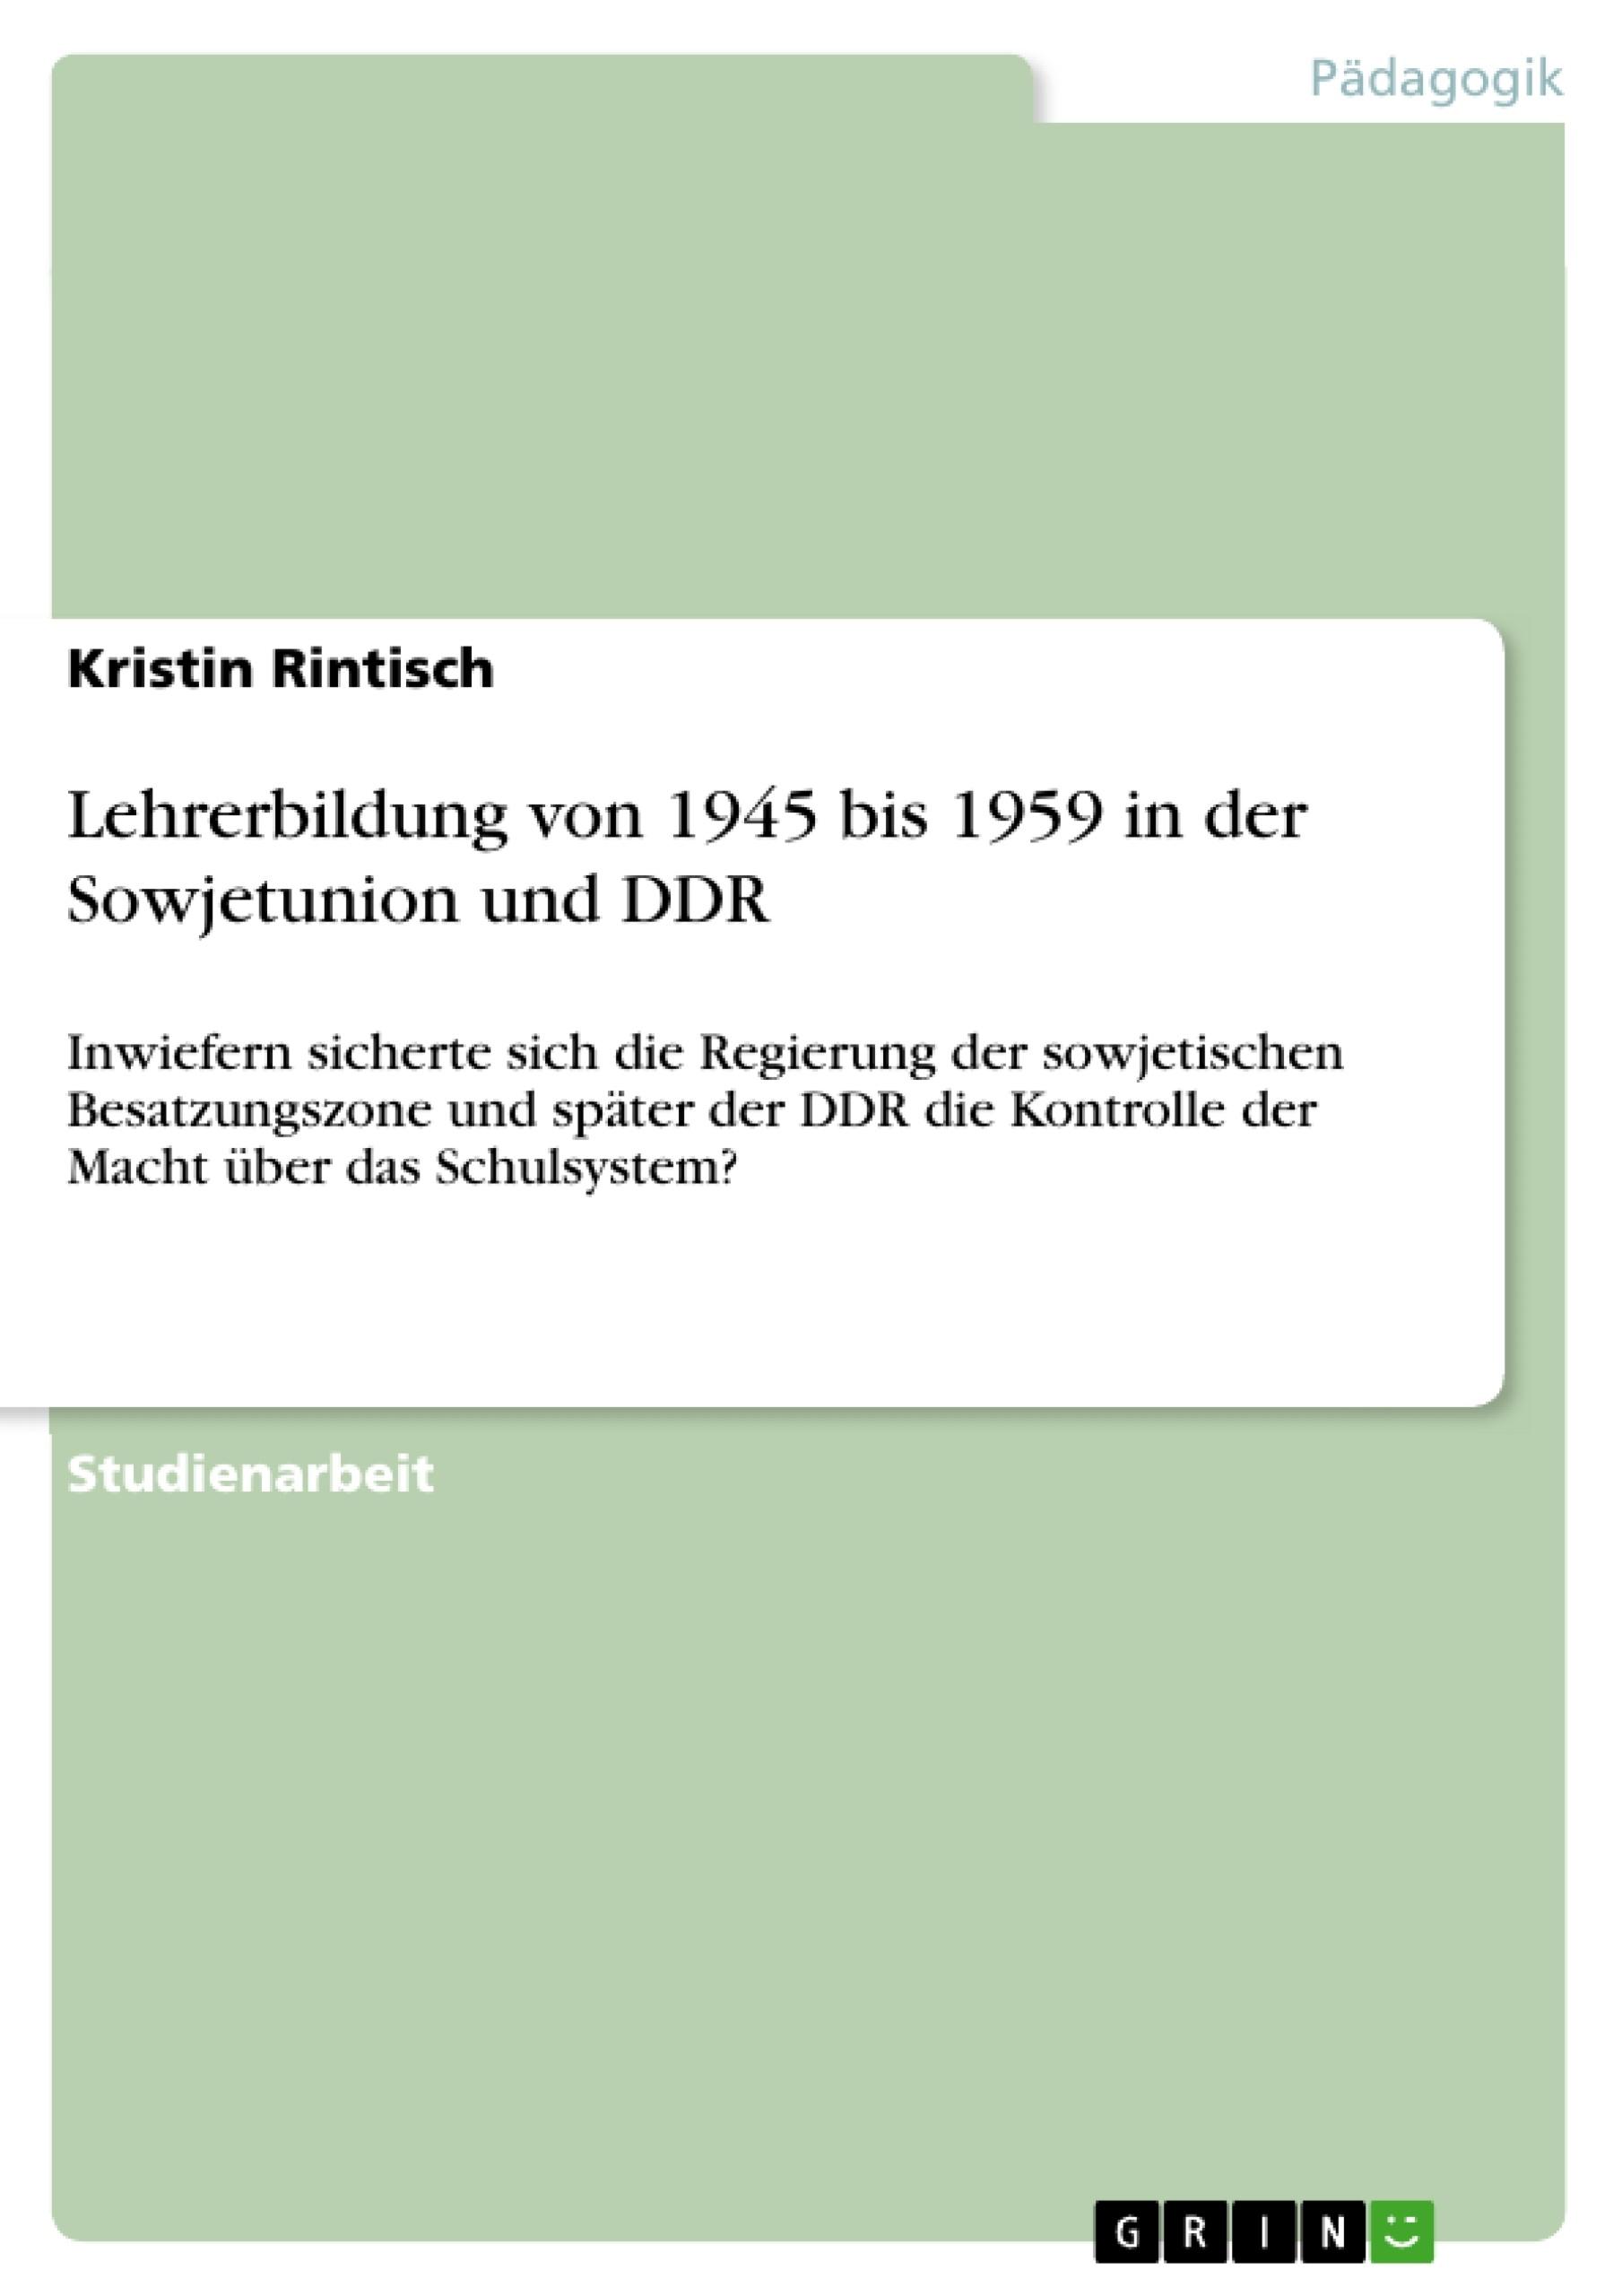 Titel: Lehrerbildung von 1945 bis 1959 in der Sowjetunion und DDR